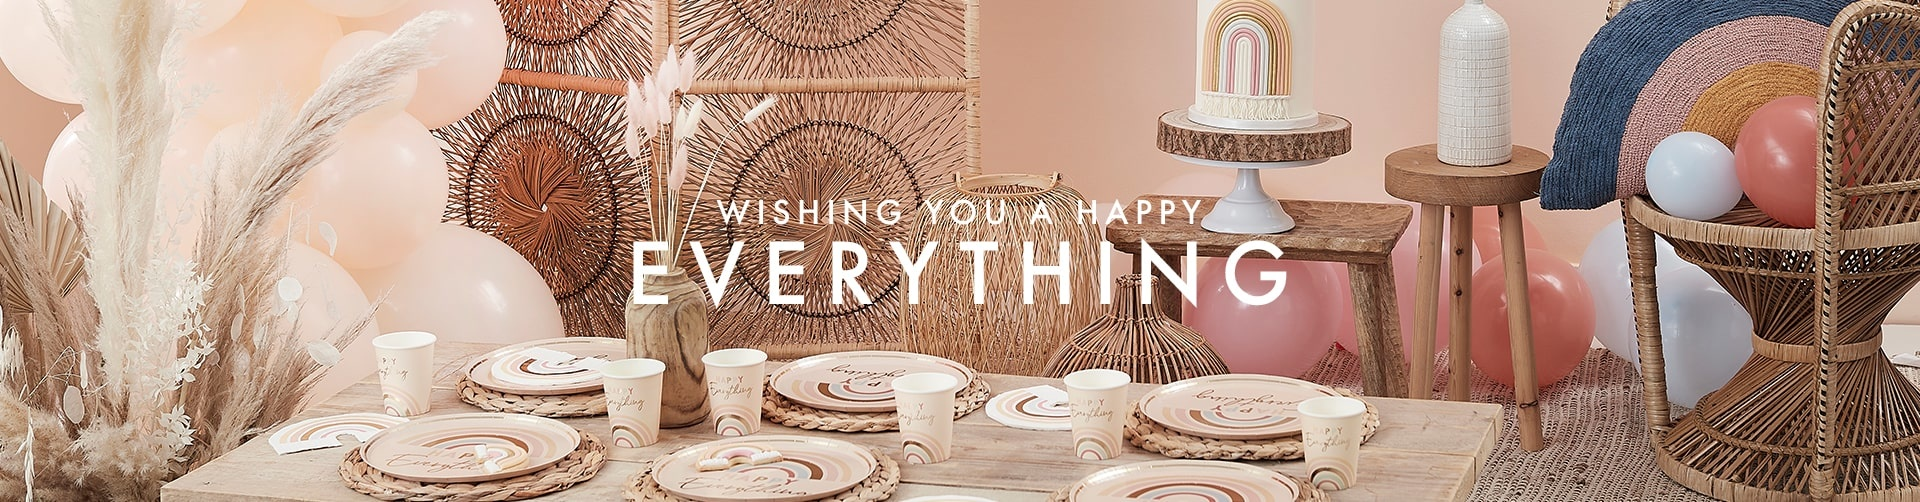 Happy Everything verjaardag versiering Ginge Ray